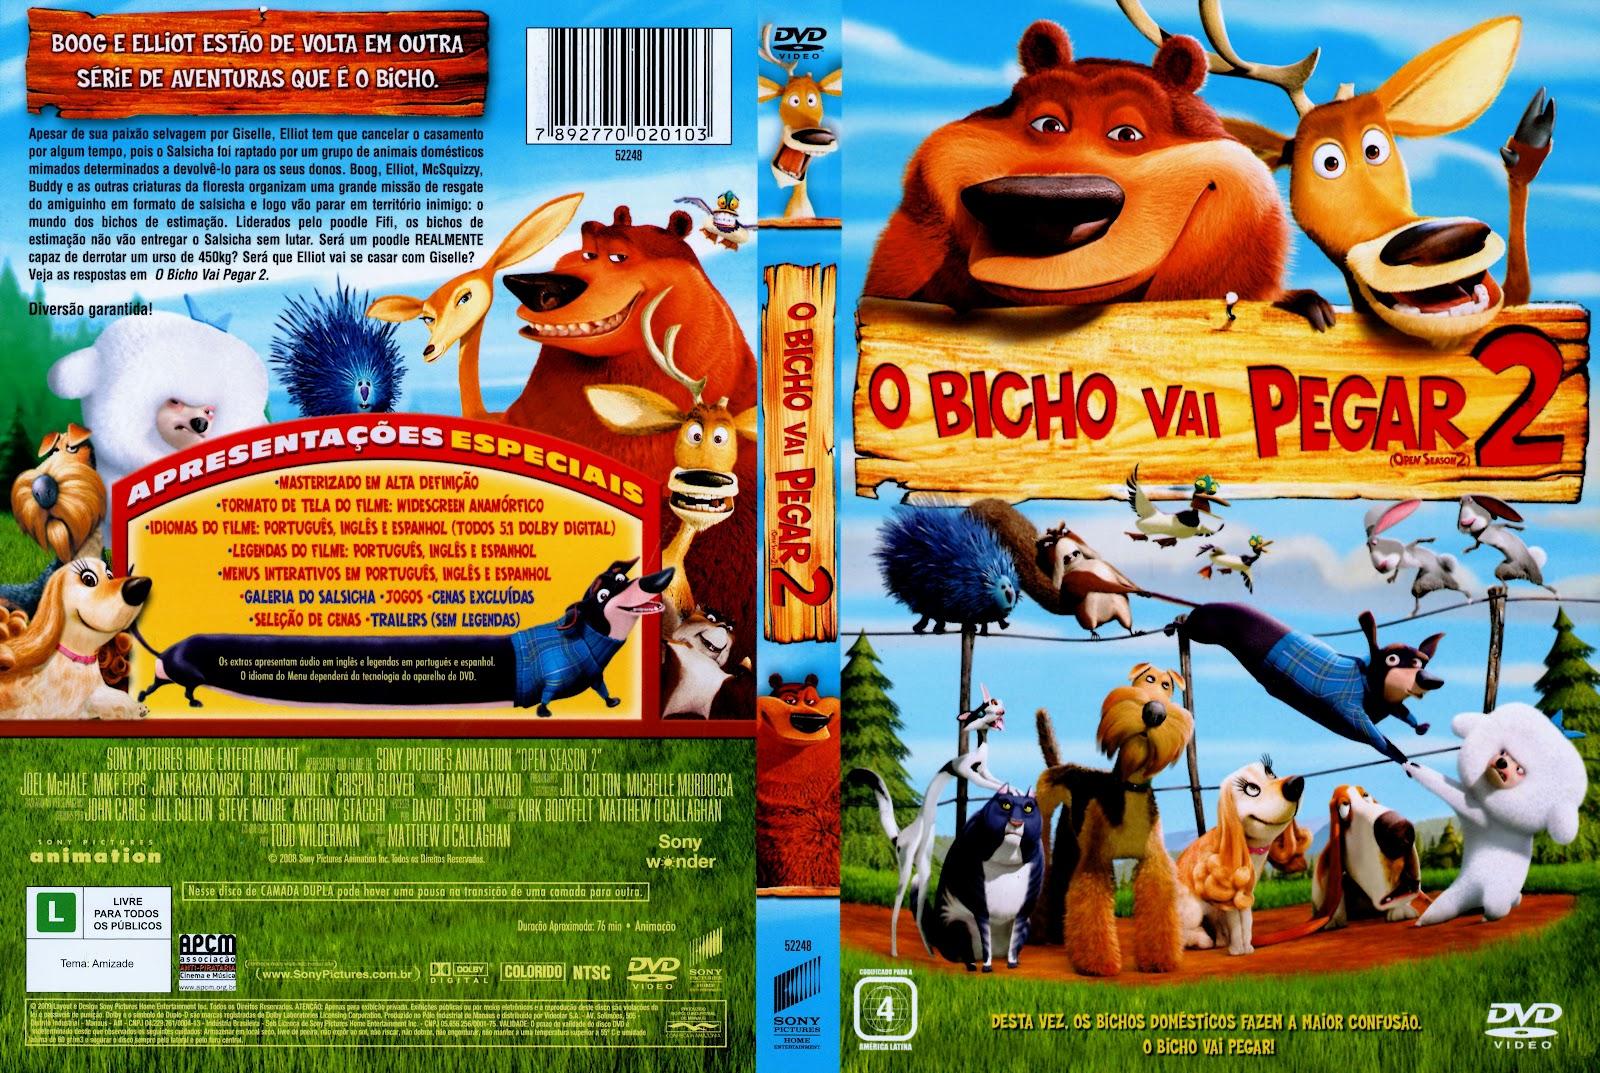 Capas Medina Somente Capas De Dvd O Bicho Vai Pegar 2